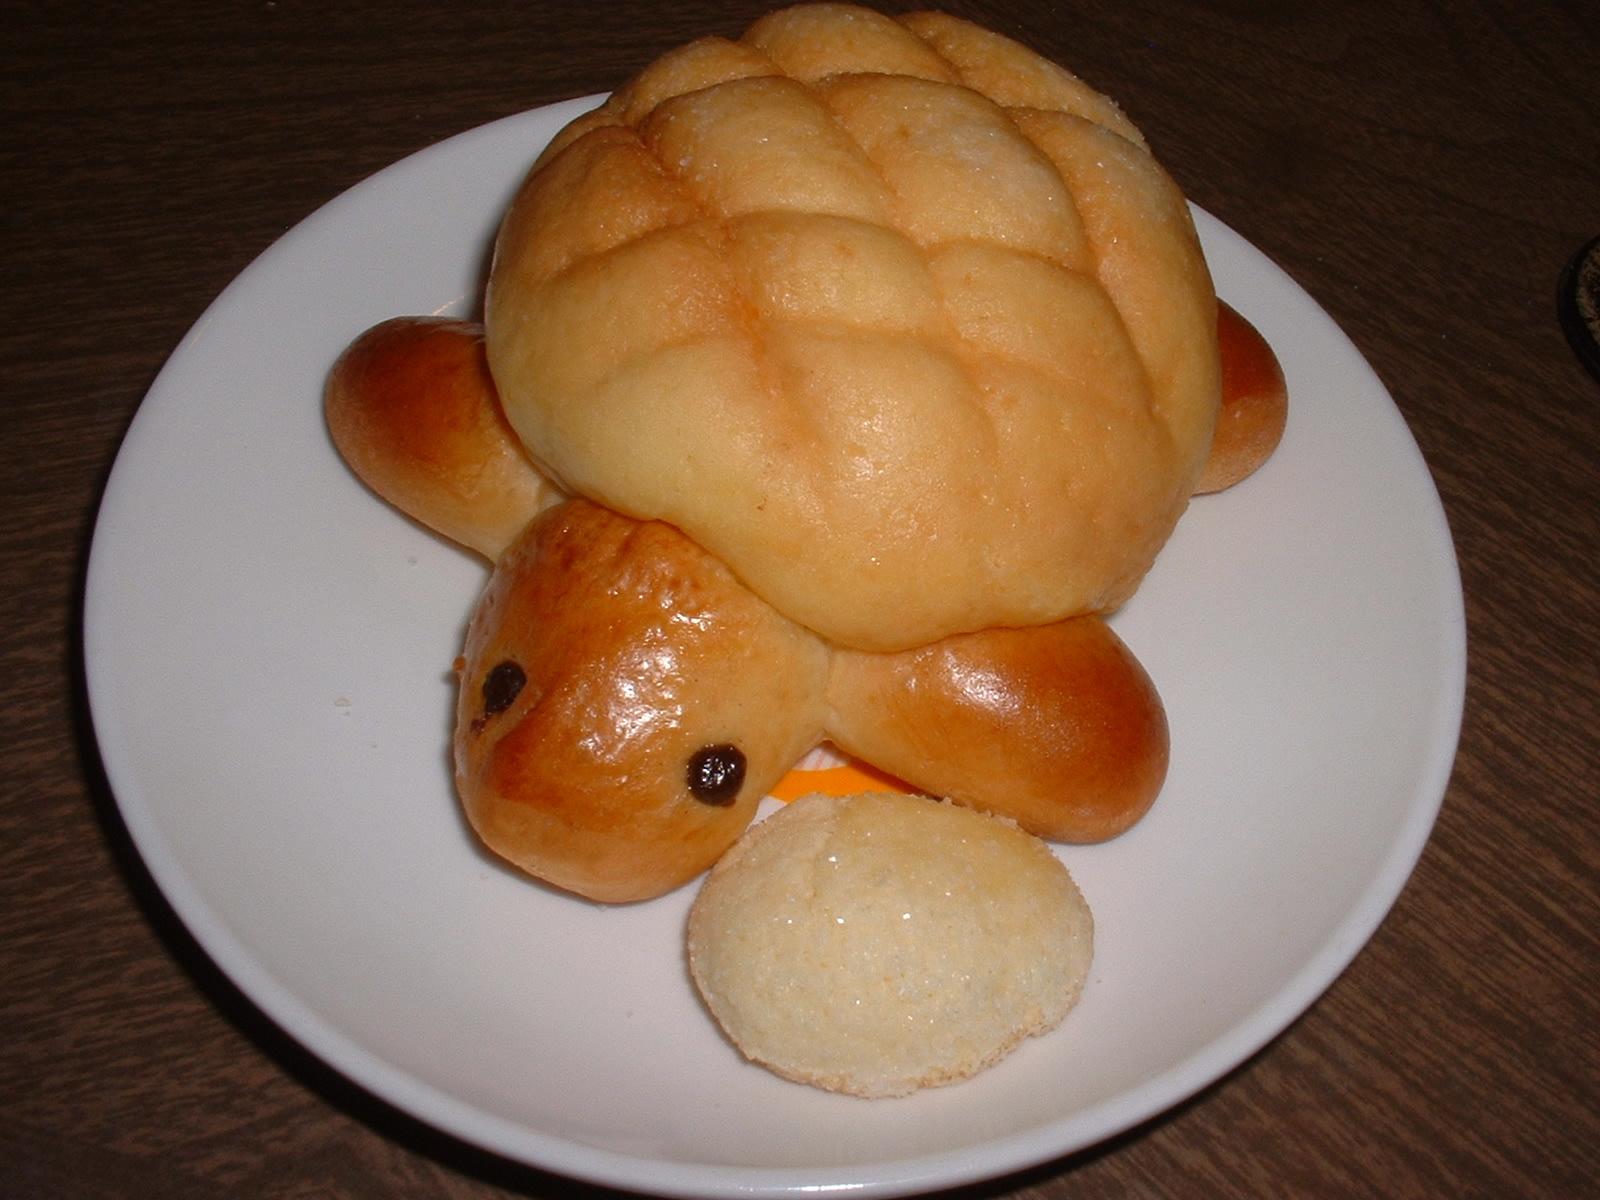 2014年07月26日捕食「カメロンパン(亀パン)」 Doburoku-TAO.JPG